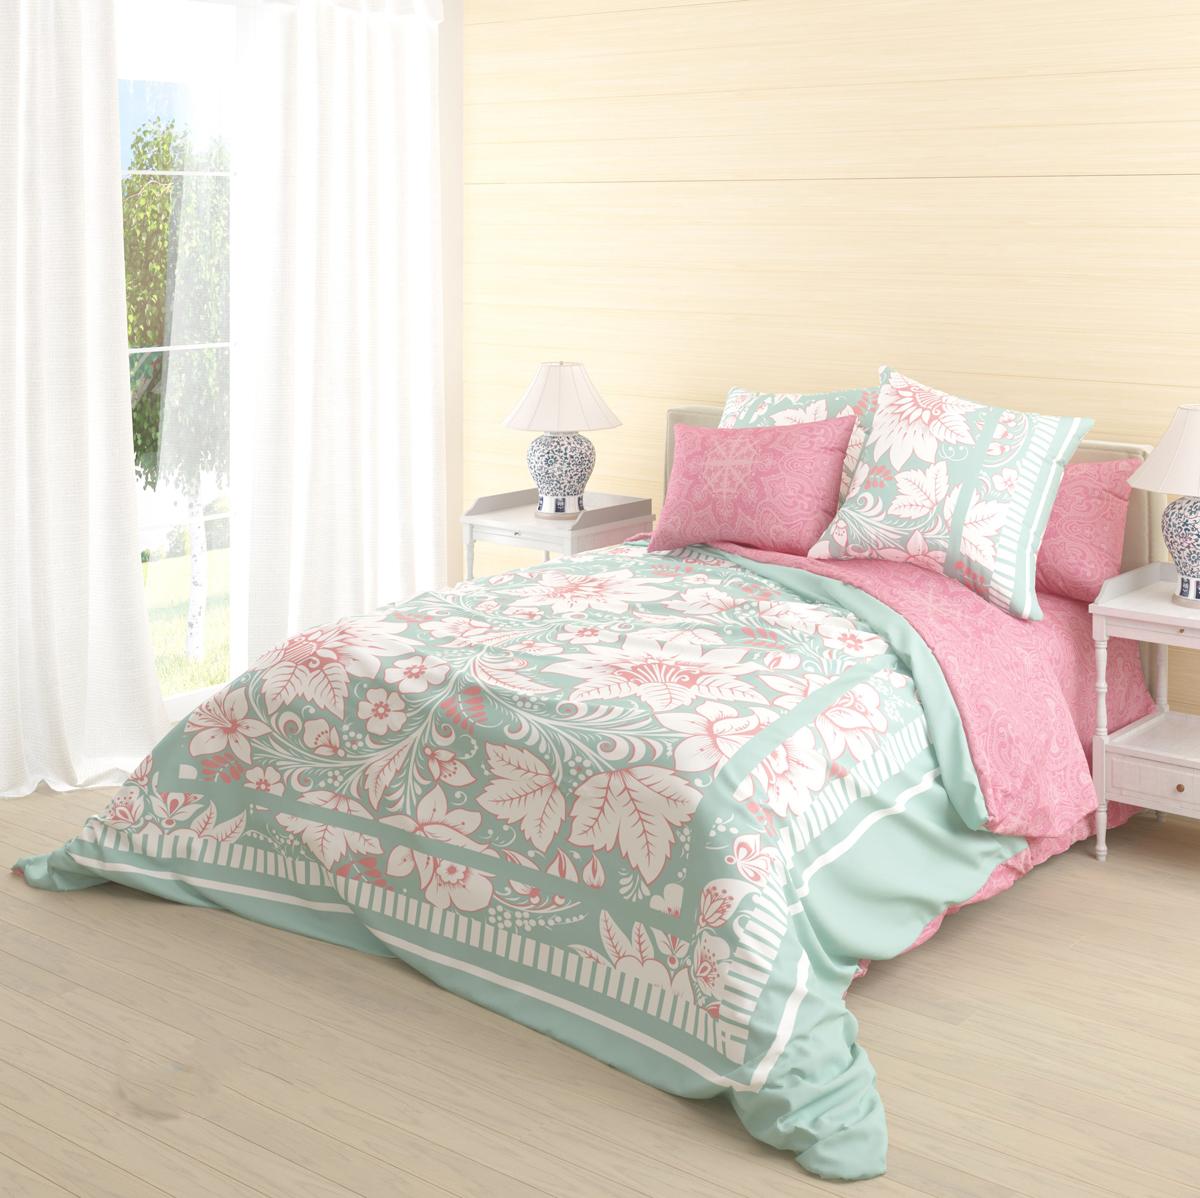 Комплект белья Волшебная ночь Biruza, 2-спальный, наволочки 50х70 см постельное белье волшебная ночь алярус biruza комплект 2 спальный ранфорс 718651